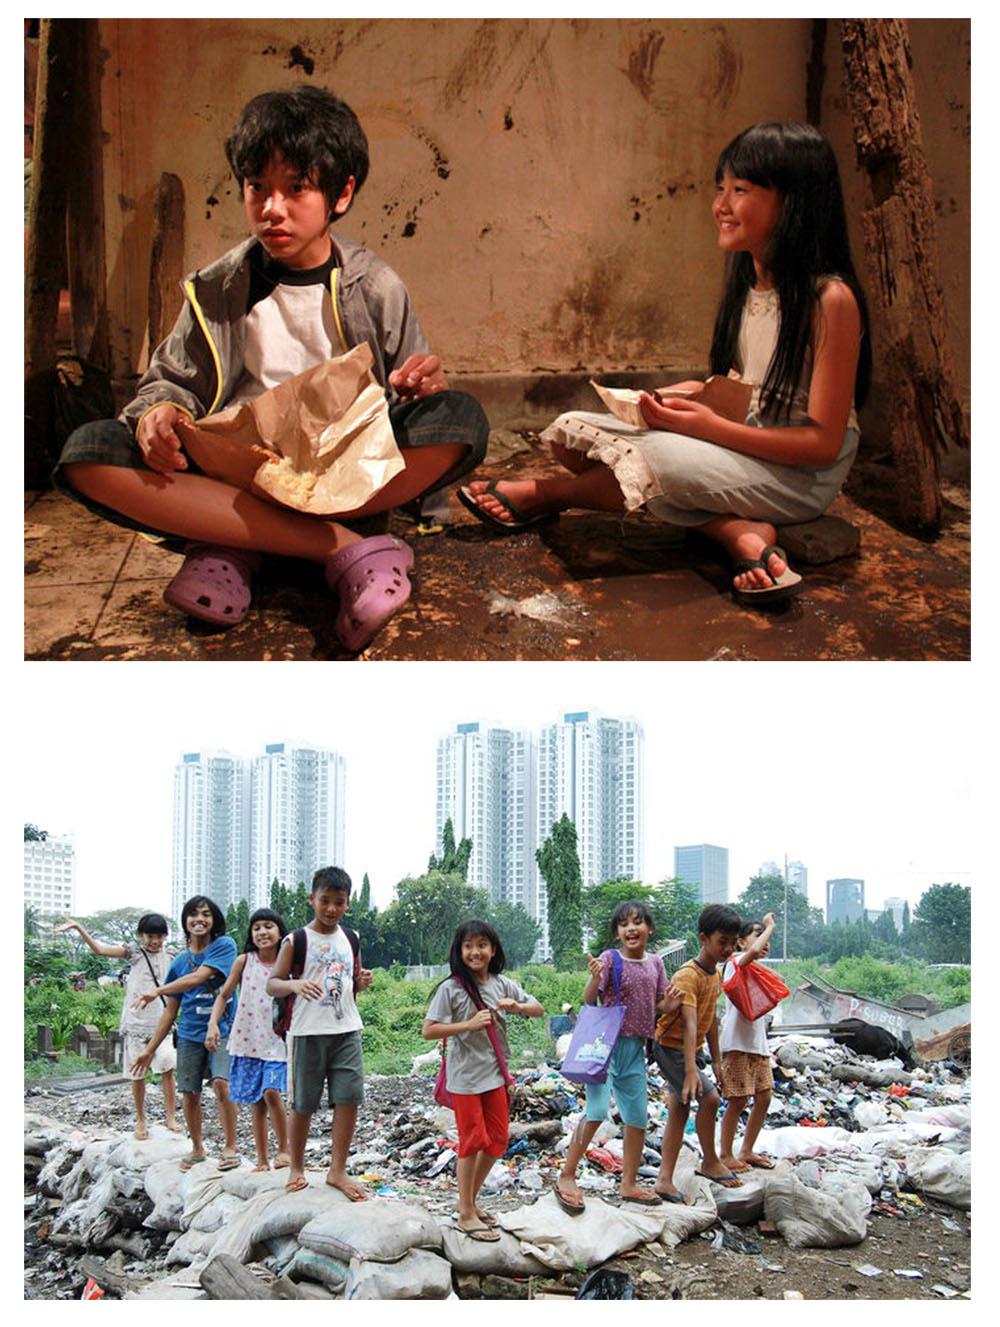 iRumah Tanpa Jendelai Film Indonesia Rinarp04 s Blog